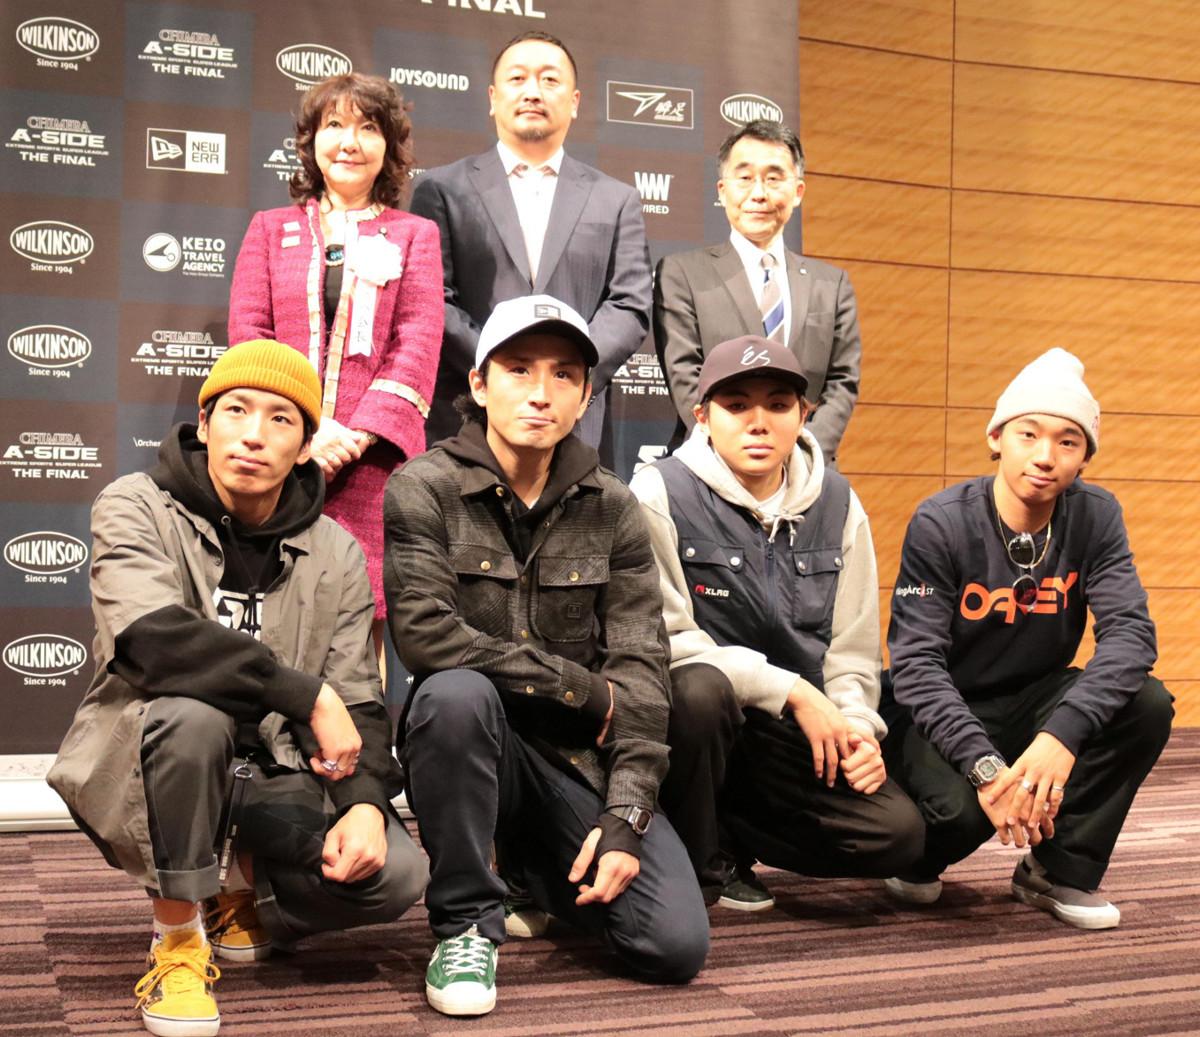 ストリートスポーツ4種目の世界大会の記者会見に出席した中村輪夢(下段右端)